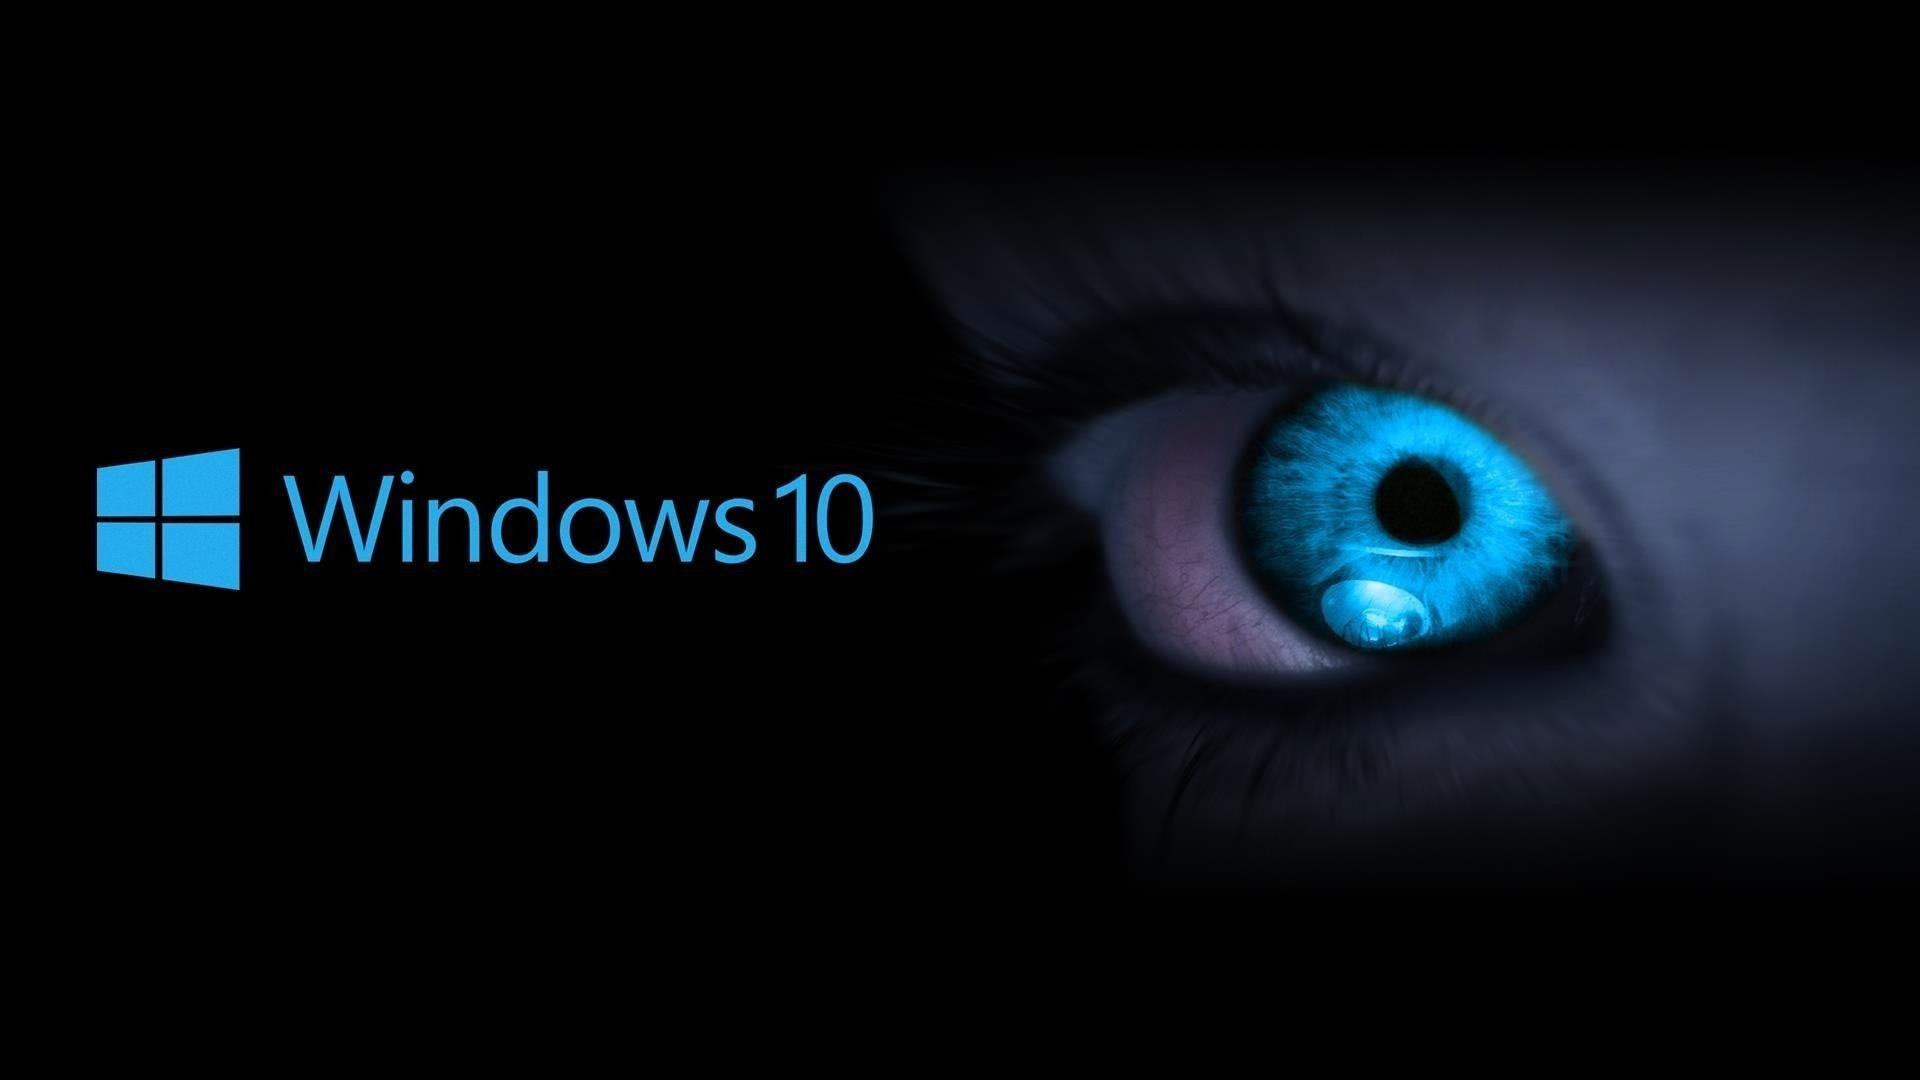 Wallpaper Windows 10 Best Wallpaper Hd Wallpaper Windows 10 Windows Wallpaper Hd Wallpaper Desktop